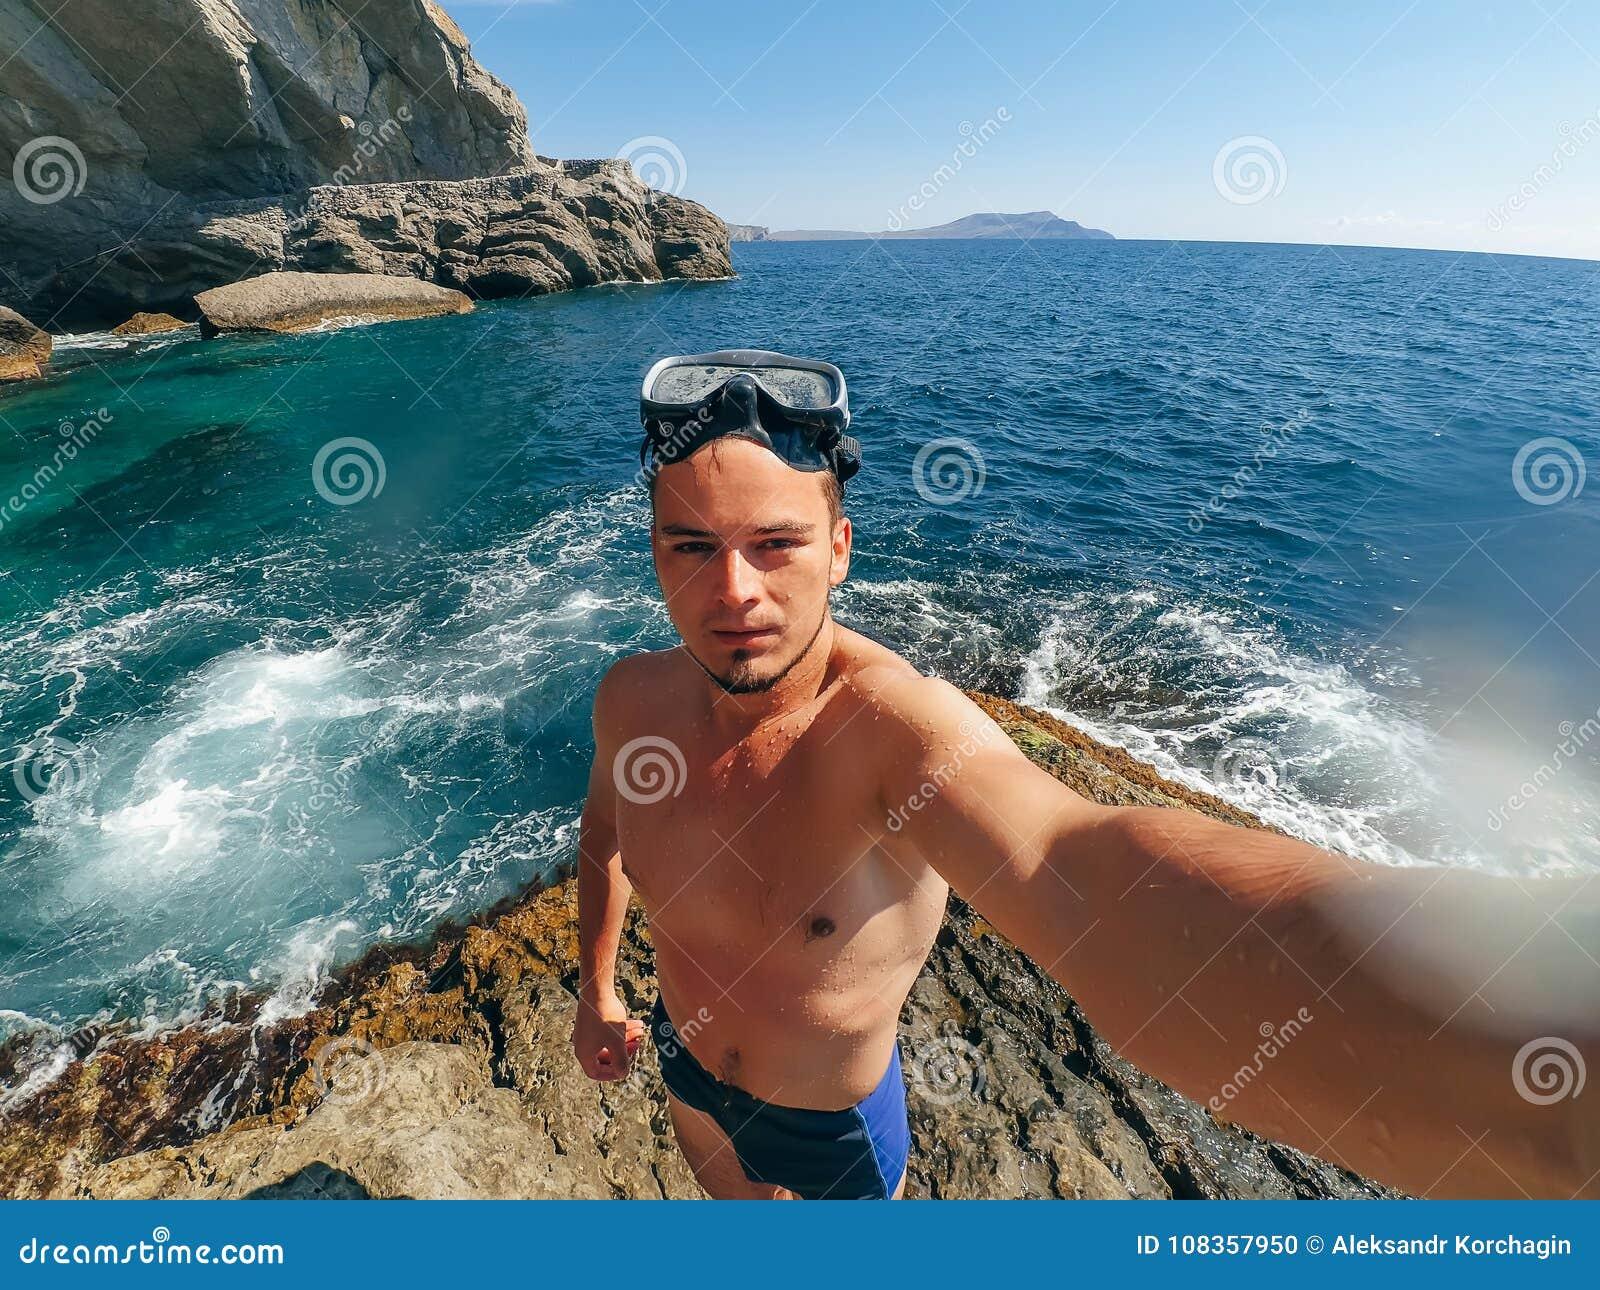 Selfie mette in mostra l 39 operatore subacqueo degli uomini nella maschera che sta sulla riva del - Uomini in costume da bagno ...